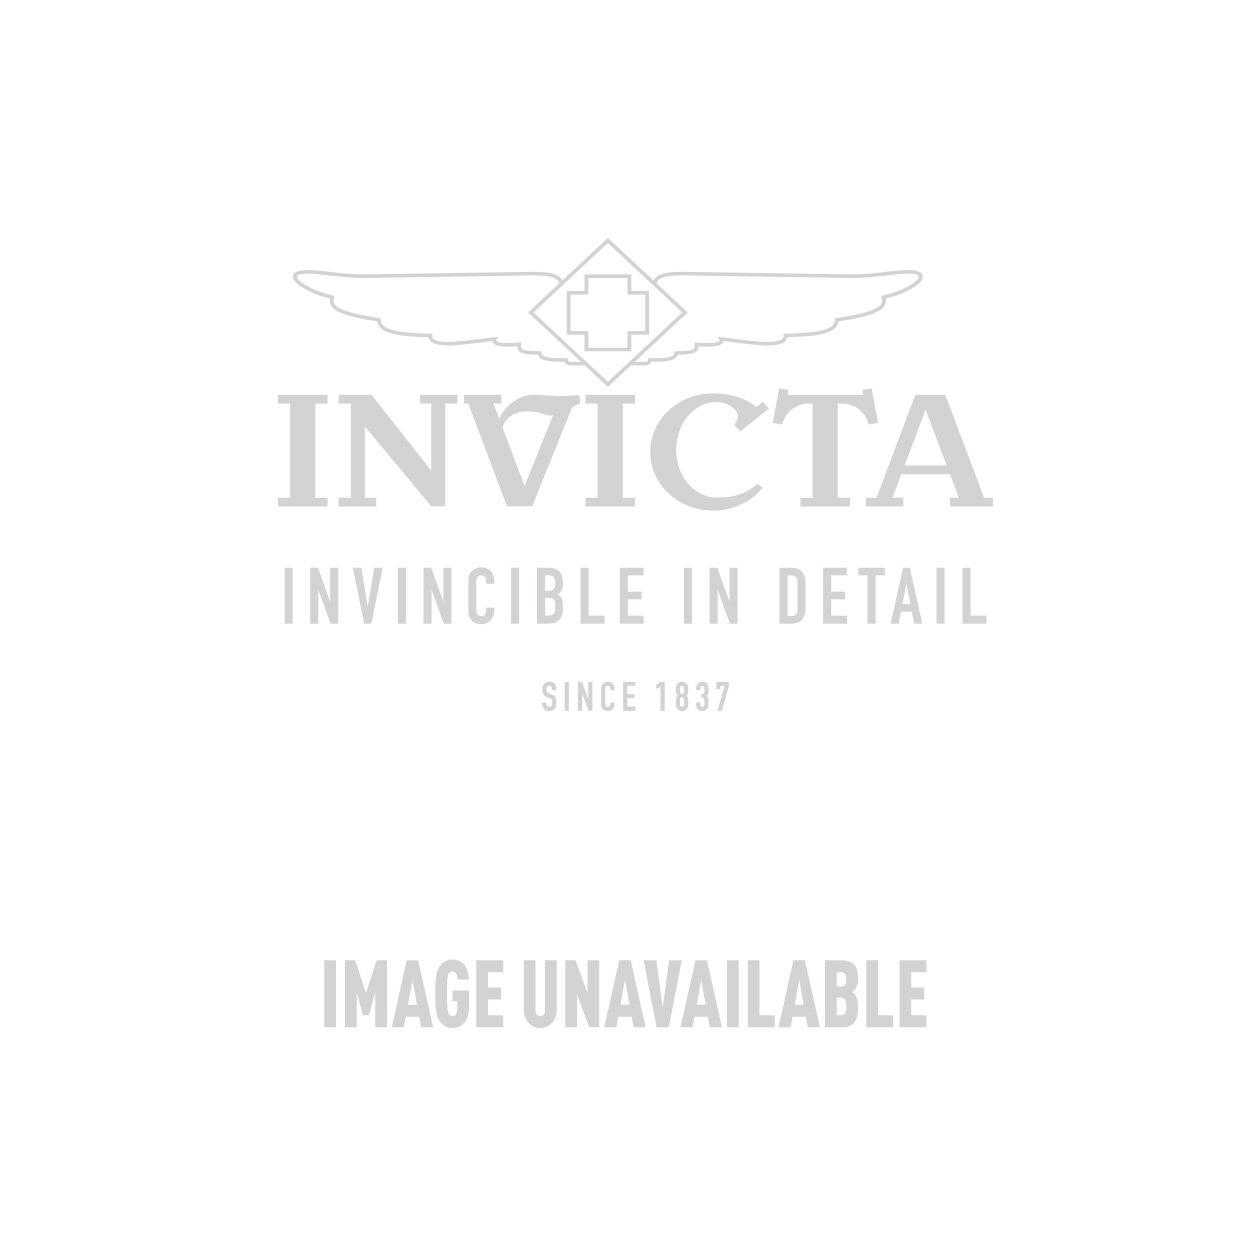 Invicta Model 25532